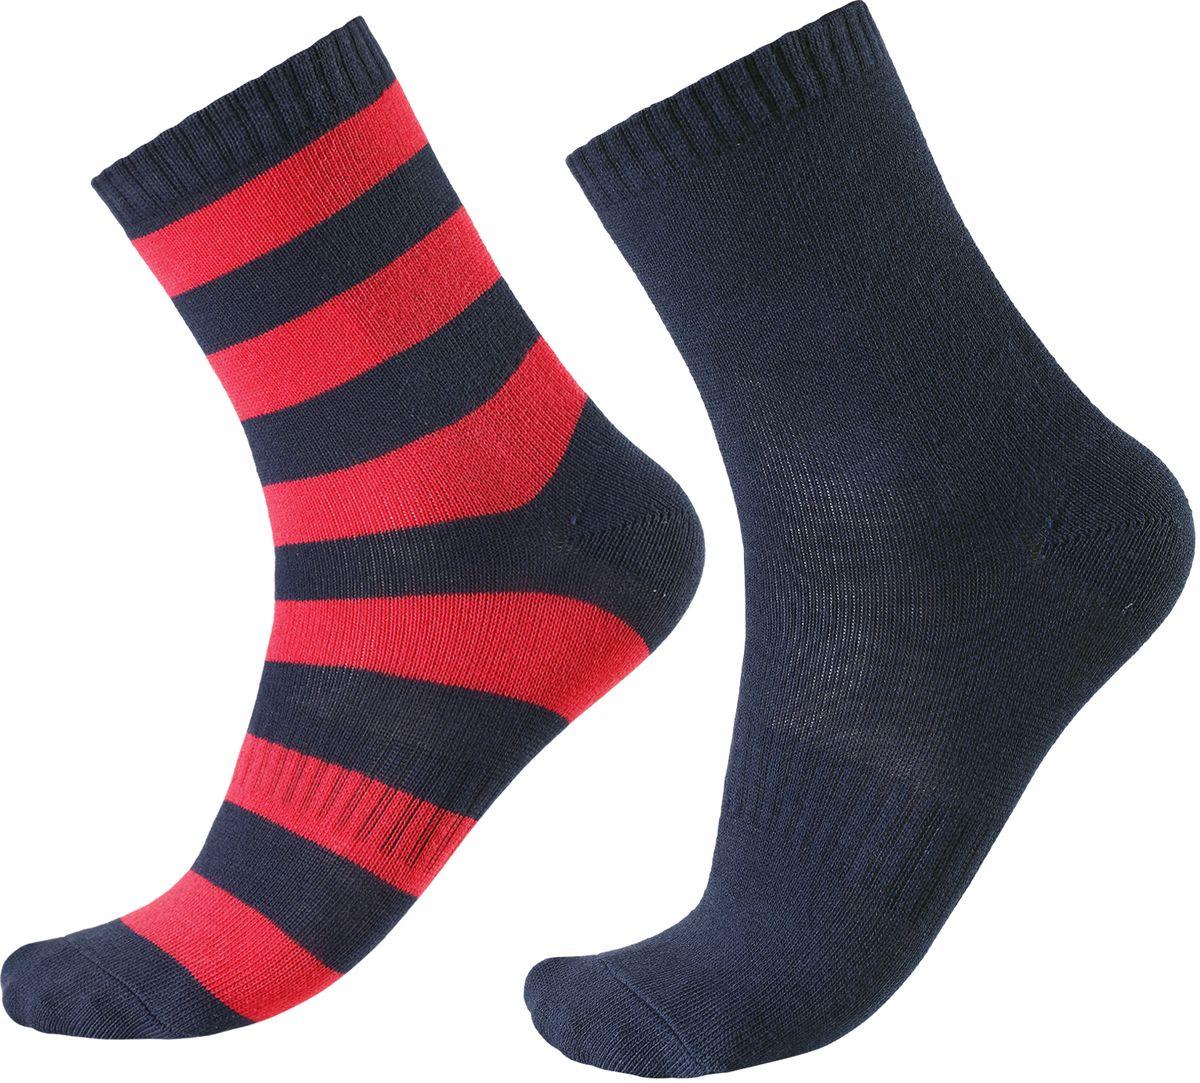 Носки детские Reima Colombo, цвет: синий, красный. 527267-6980. Размер 26/29527267-6980В носках из смеси Coolmax детским ножкам будет тепло и уютно. Смесь Coolmax с хлопком превосходно подходит для занятий спортом и подвижных игр на свежем воздухе, поскольку эффективно выводит влагу с кожи и не вызывает потливости. Этот материал дышит и быстро сохнет. Легкая летняя модель без ворсового усиления.